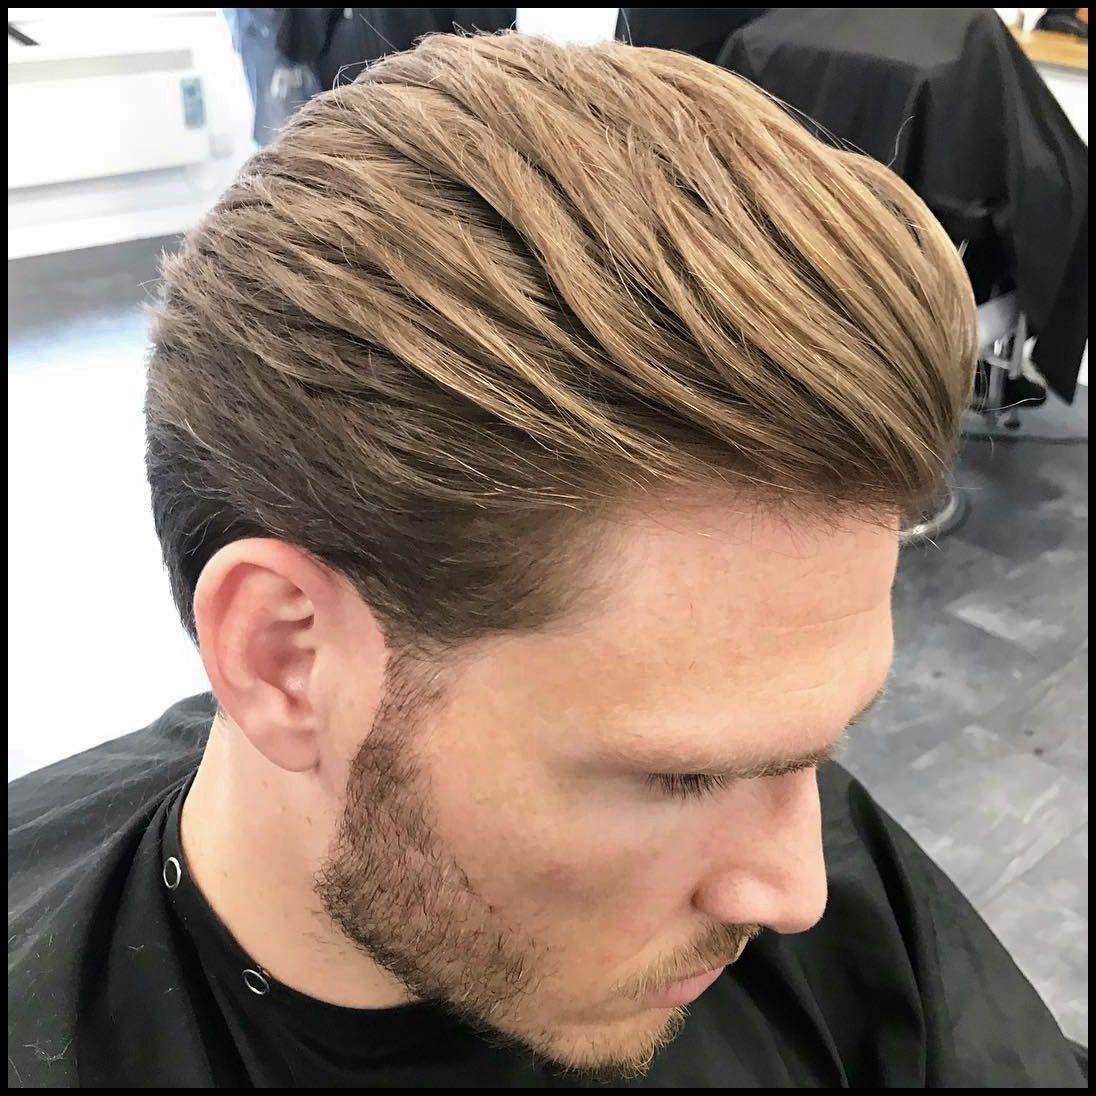 Best short mens haircuts die besten männer haarschnitte besten haarschnitte manner